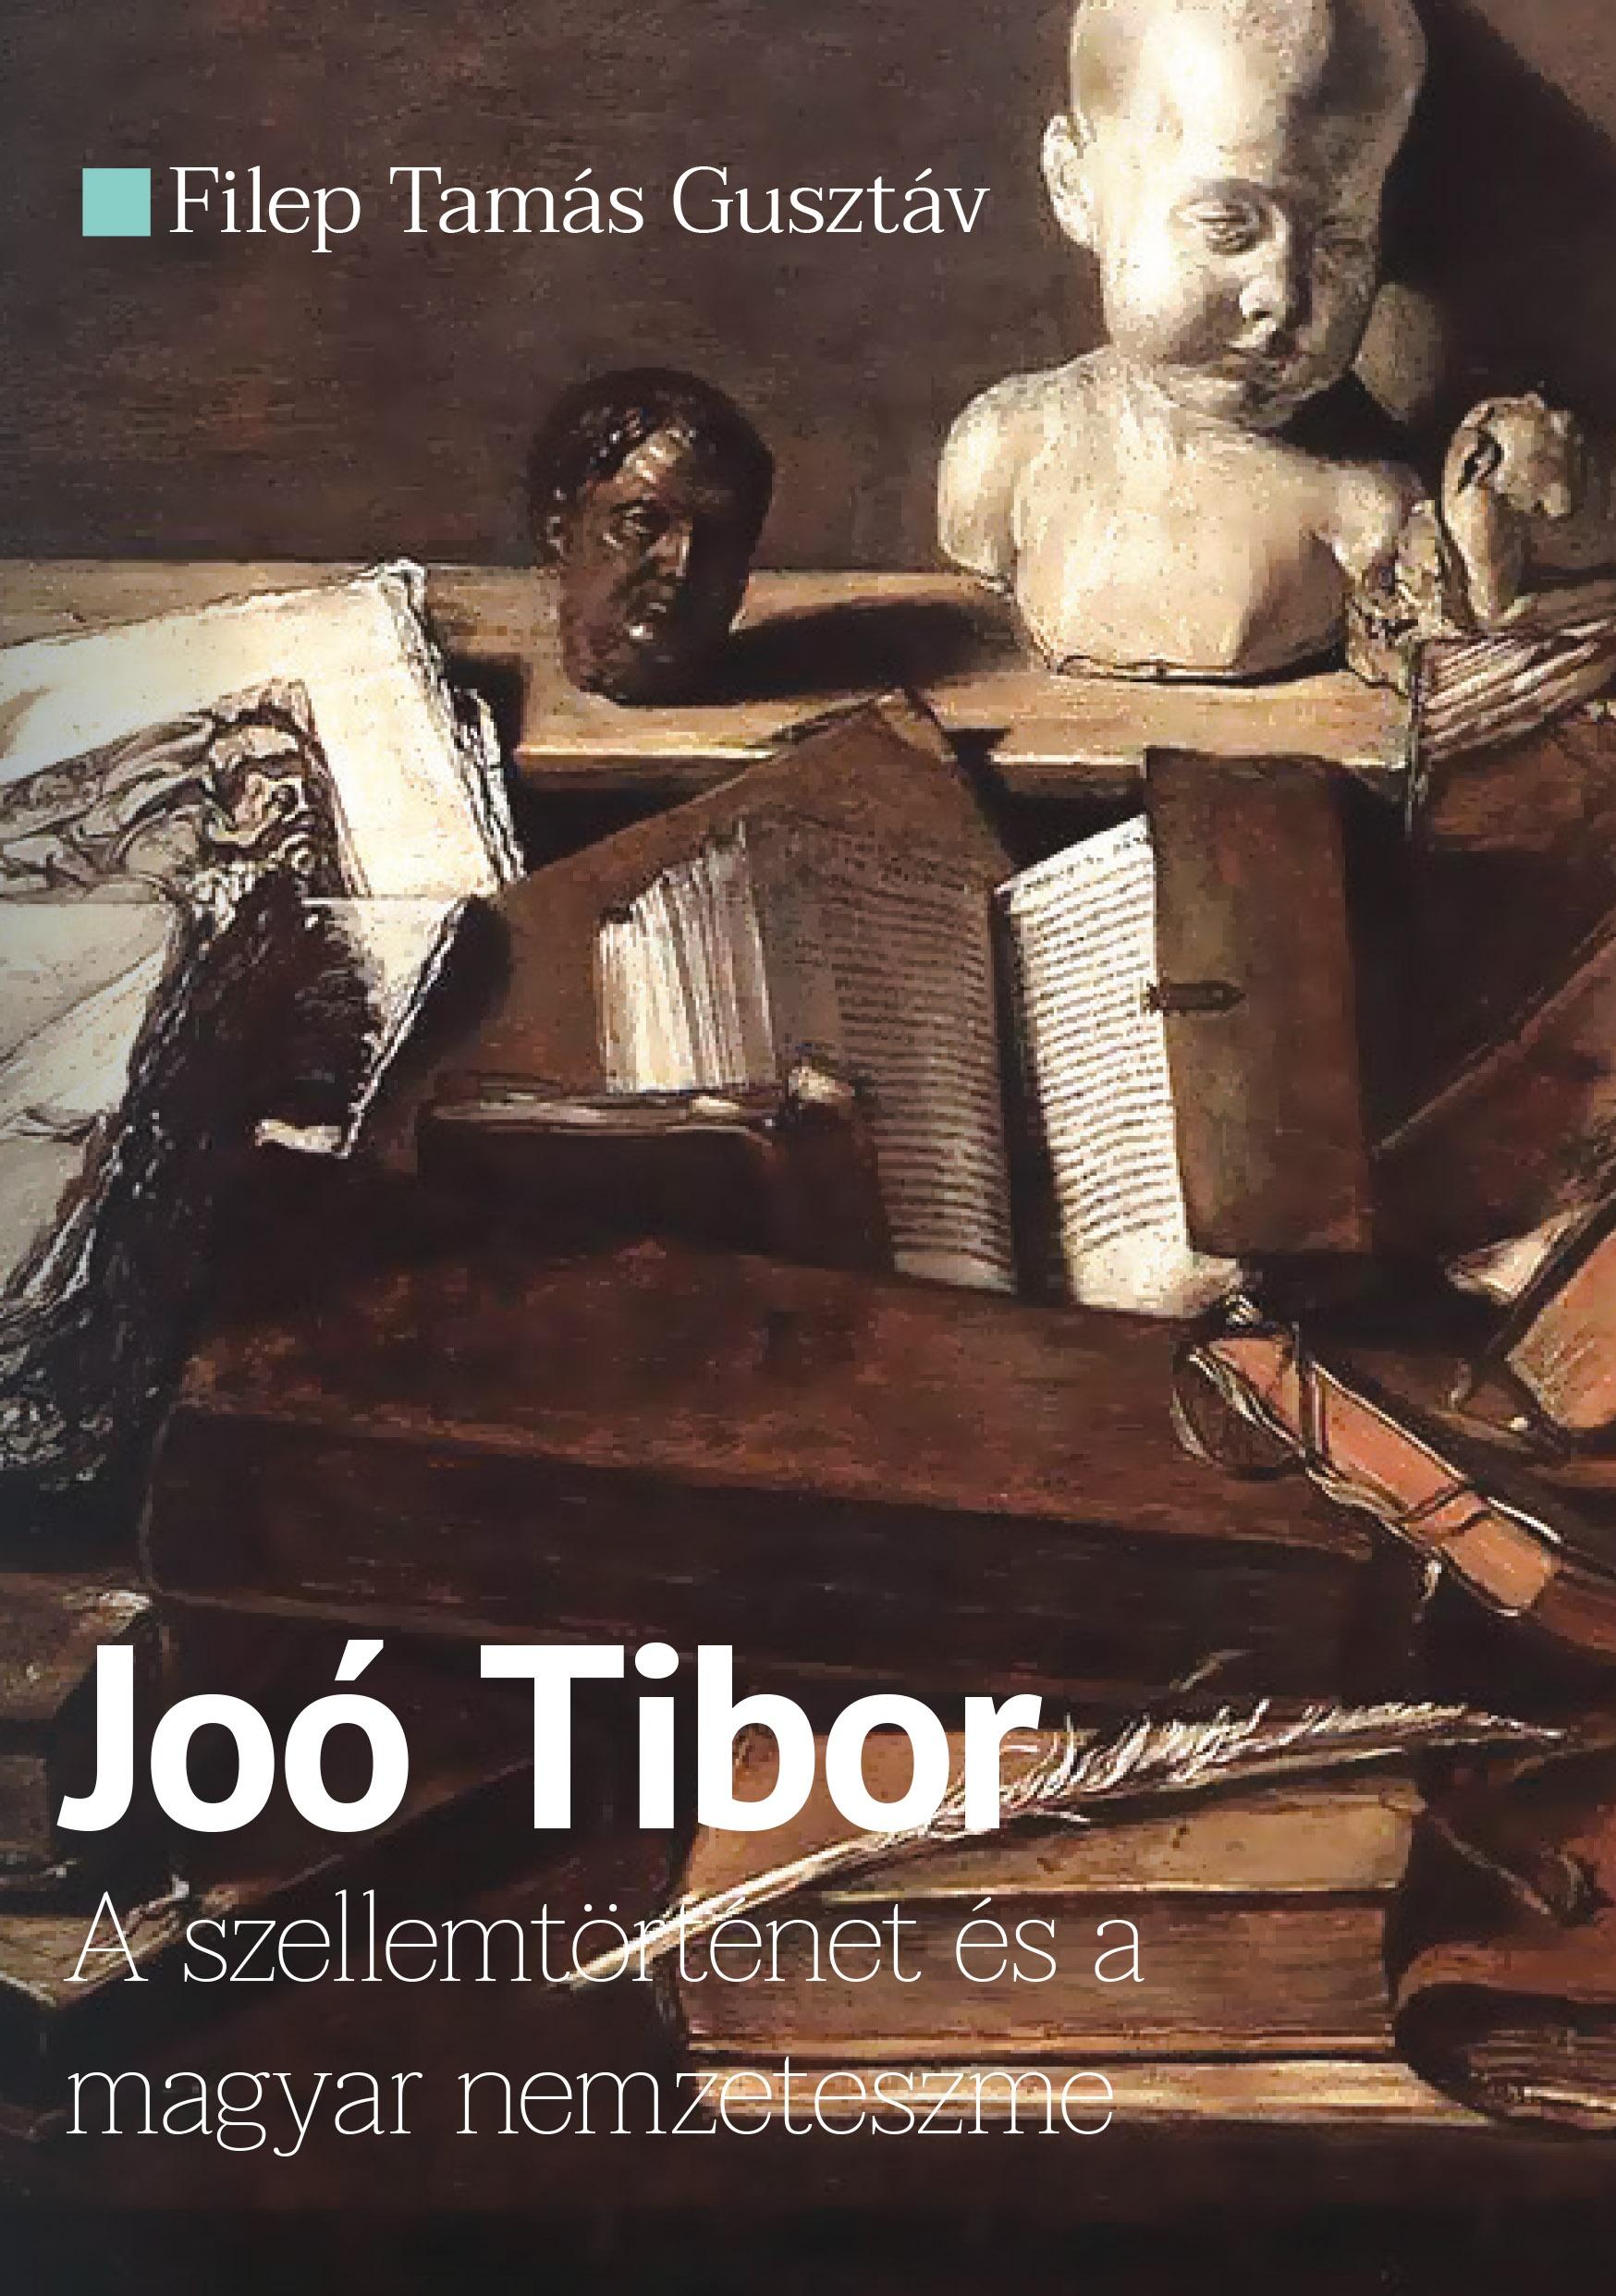 Joó Tibor